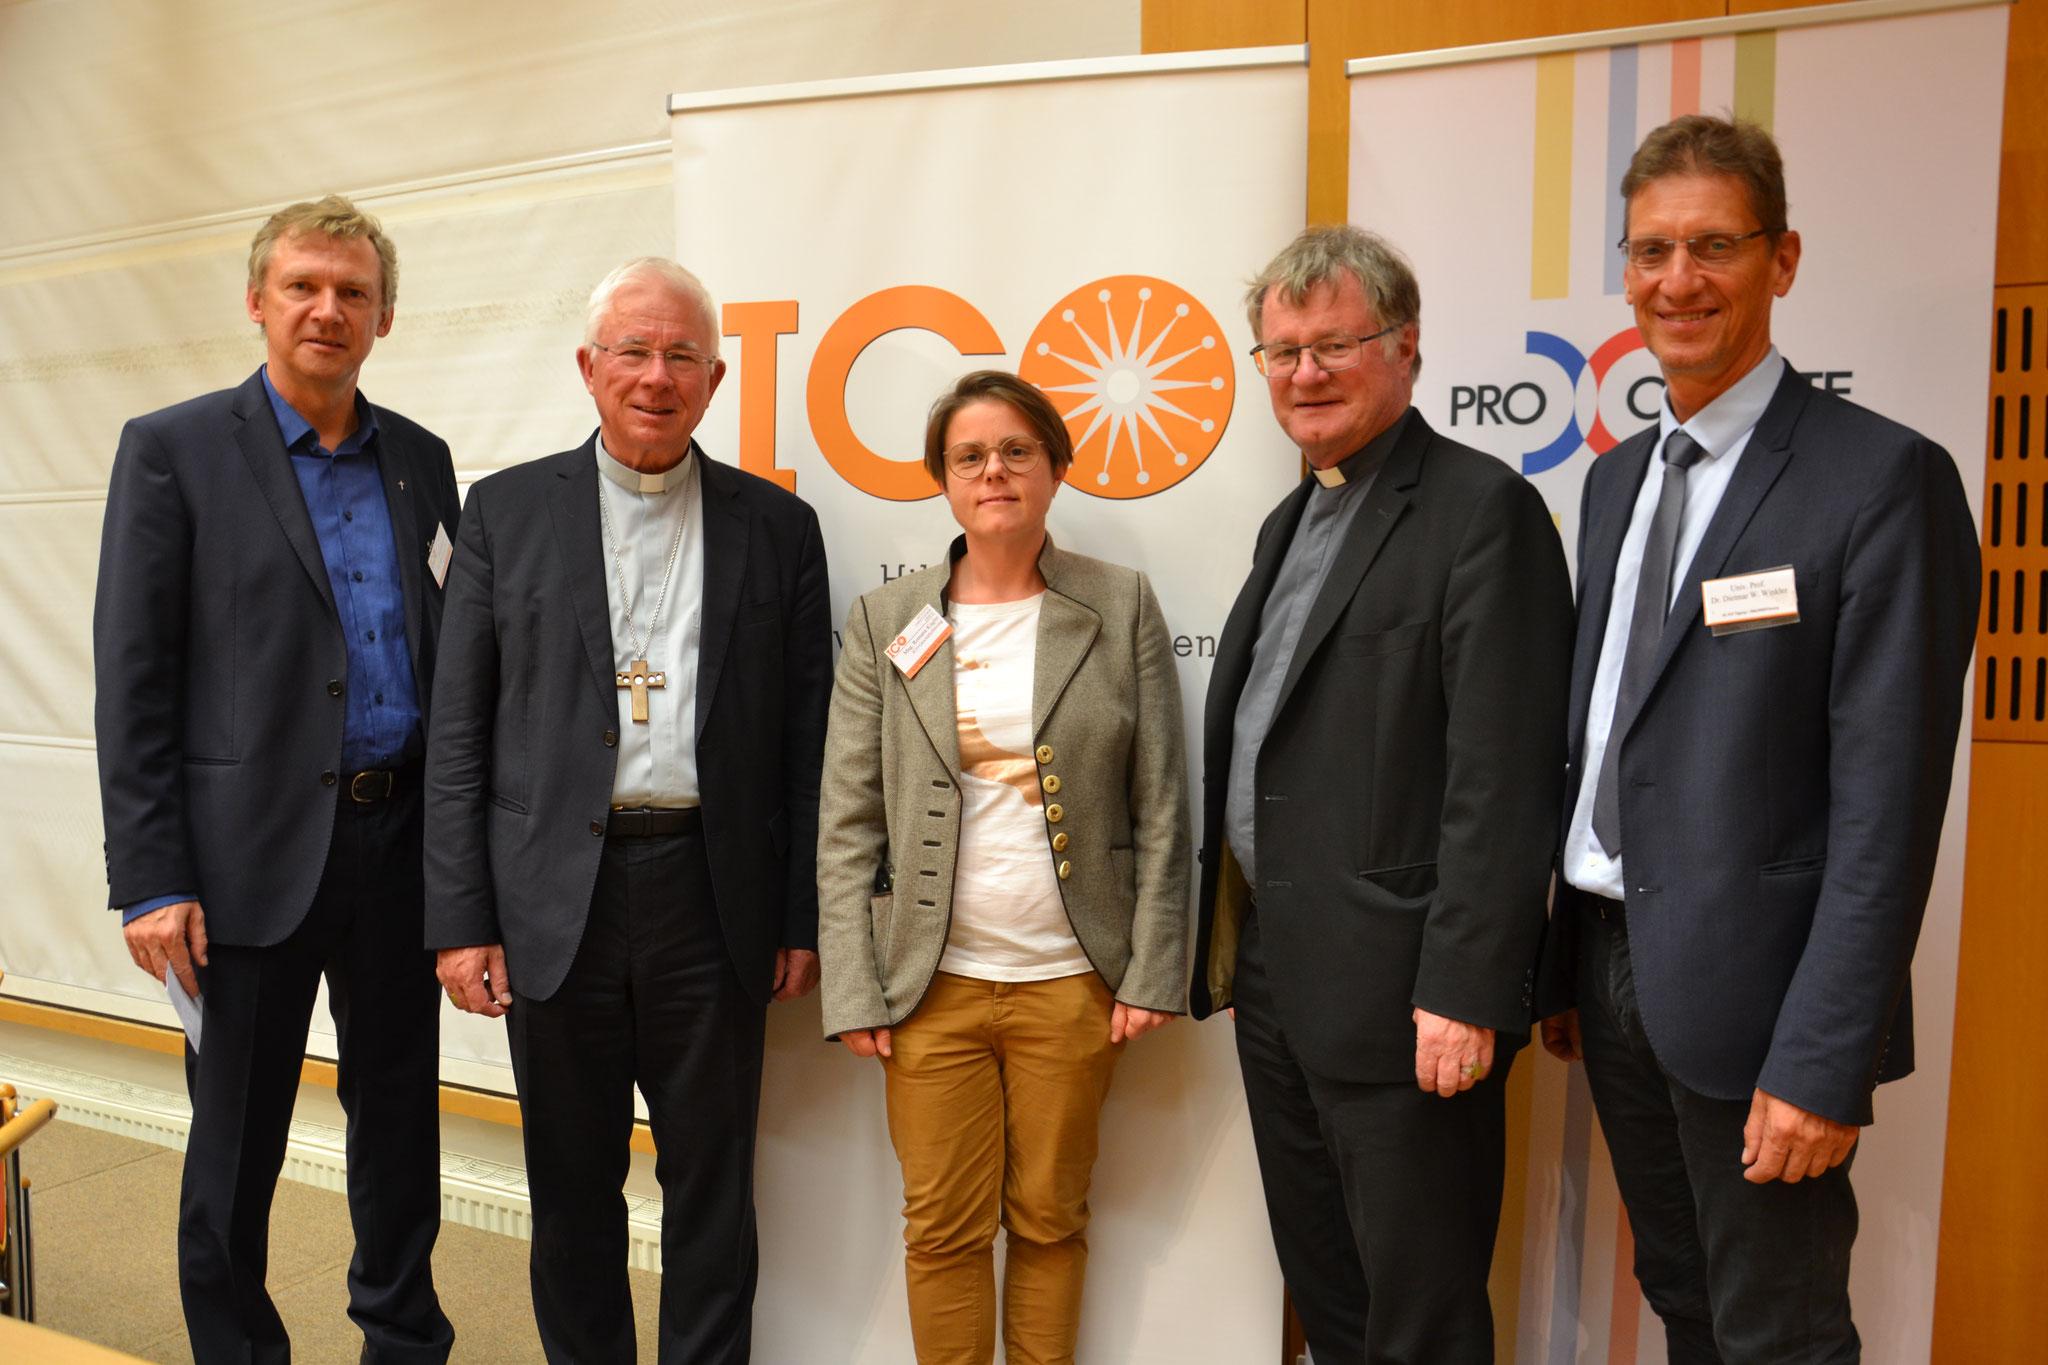 Die Spitzen der Österreichischen Bischofskonferenz waren zu Gast: Erzbischof Lackner ist der Vorsitzende, BischofScheuer der stellvertretende Vorsitzende. Prof. Winkler vertrat auch die Salzburger Sektion von Pro Oriente, Mitveranstalter der Tagung.